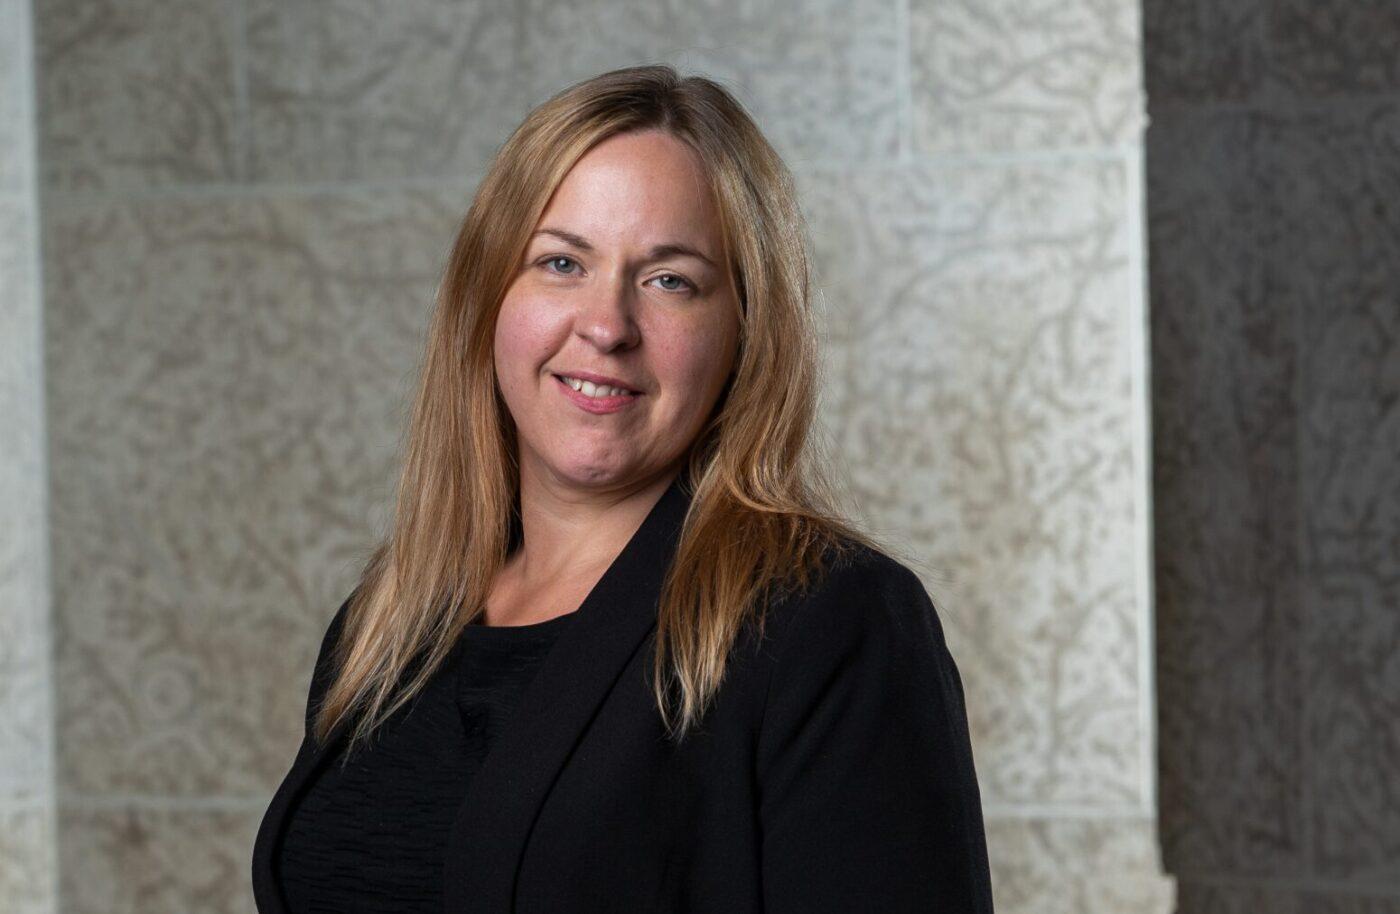 Aline Halischak, Coordonnatrice des programmes et de l'apprentissage au Musée des beaux-arts de Winnipeg